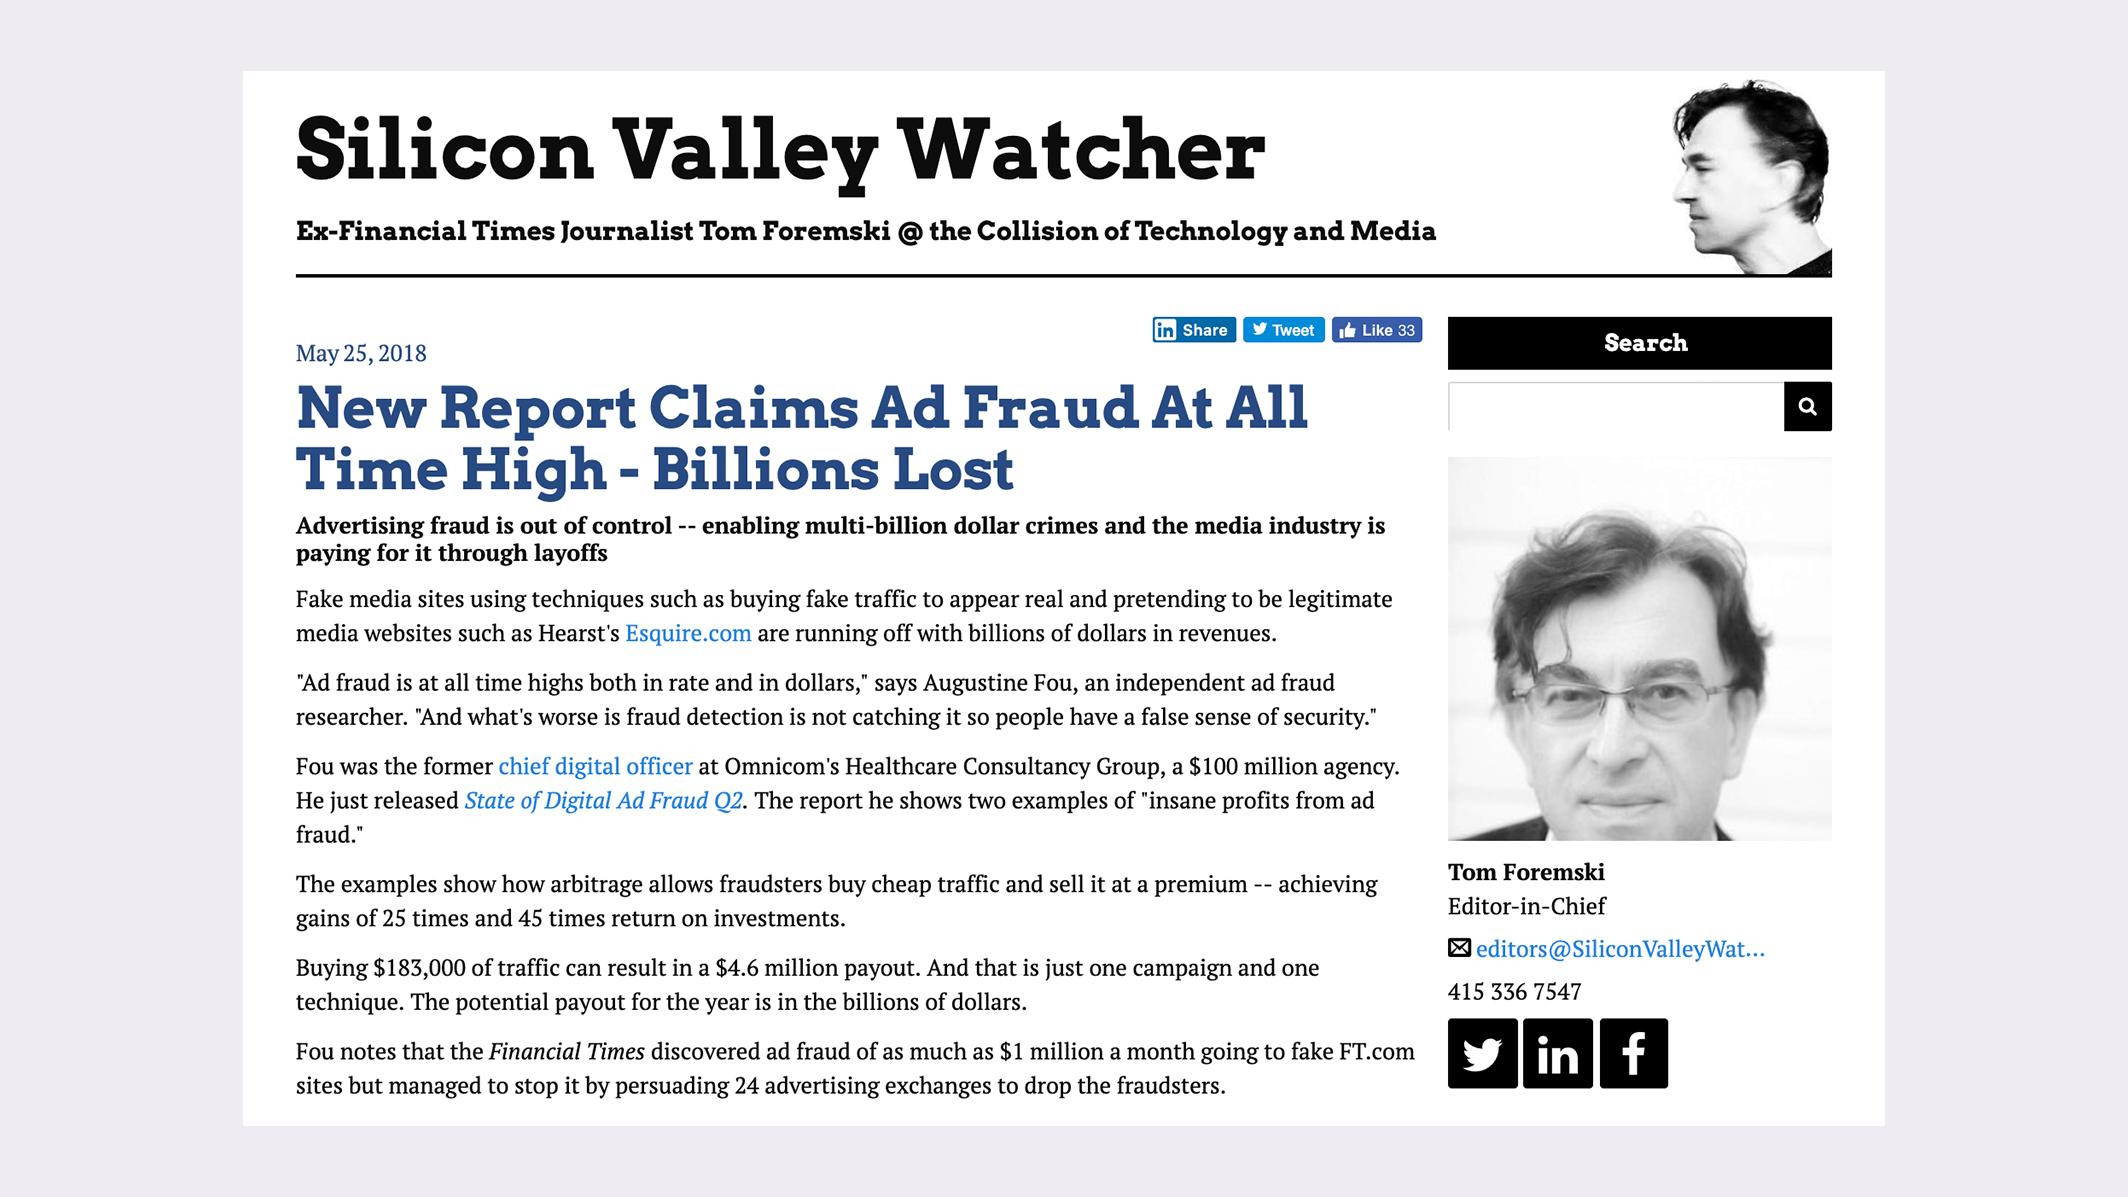 Tom's story on digital ad fraud